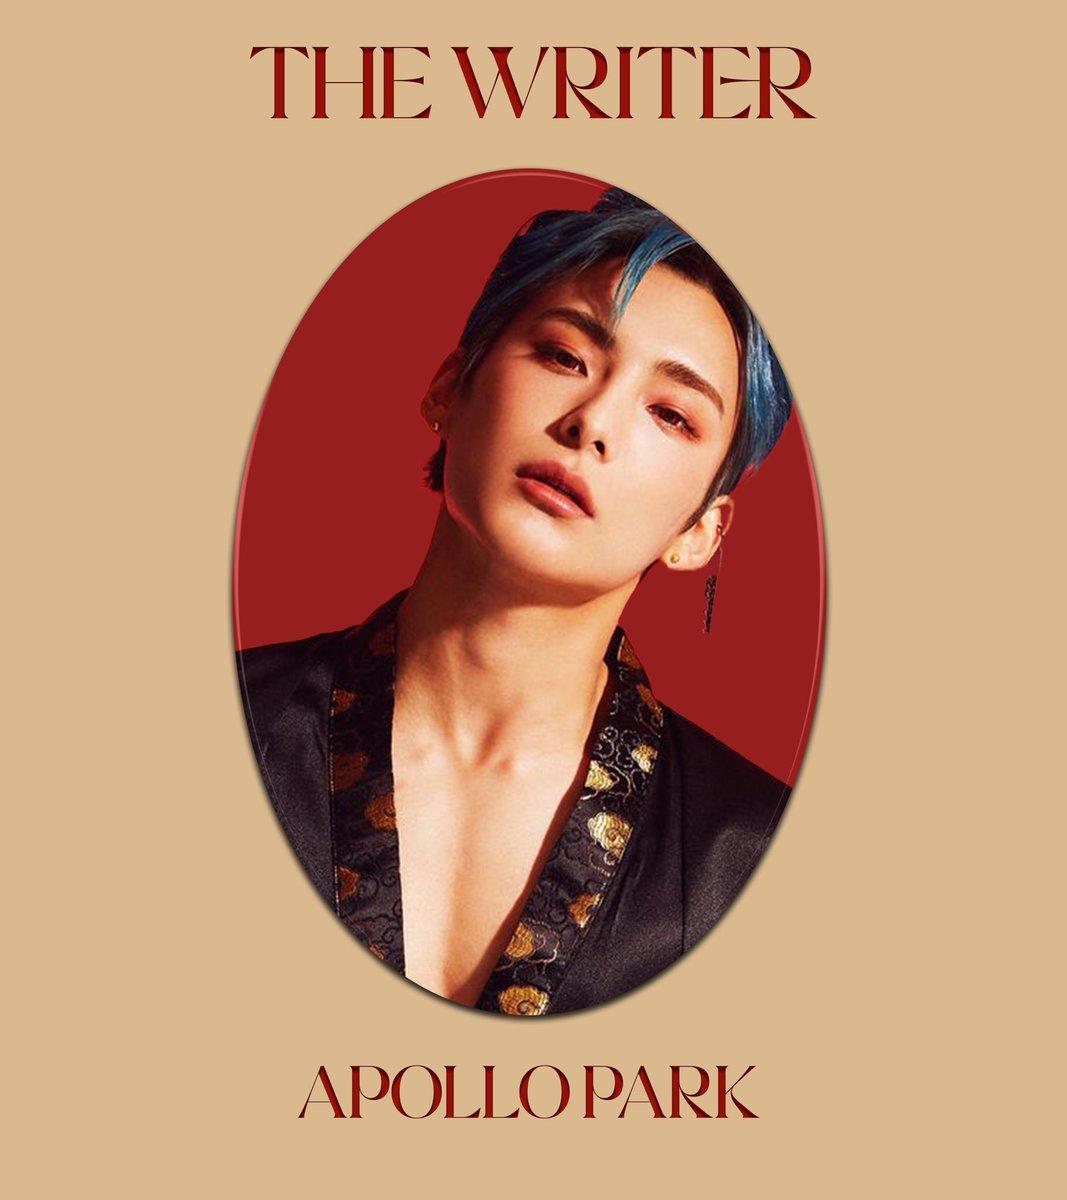 ㅤ 欢迎回家, GOSIENGFIAOs.⠀ GOSIENGFIAO, Apollo Park ────── THE WRITER.⠀⠀ ㅤ